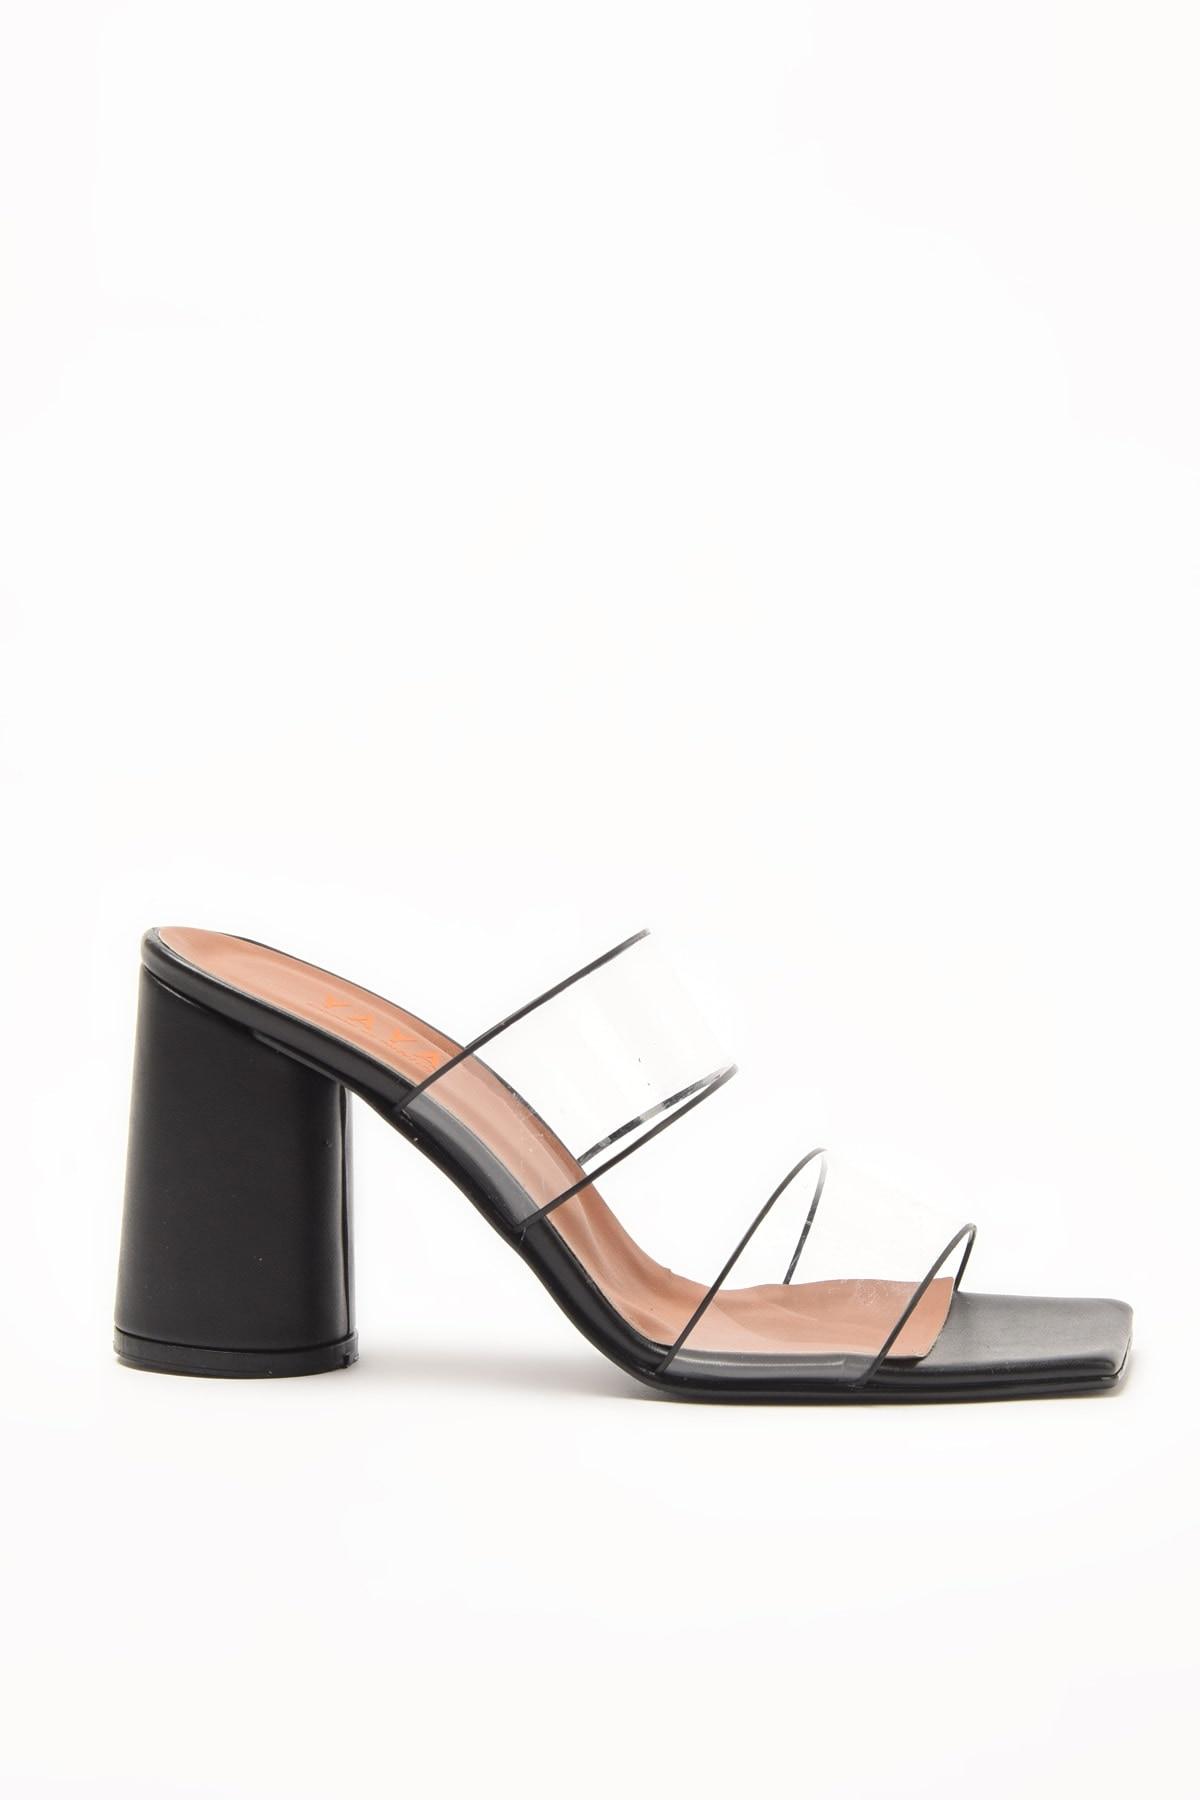 النساء الصنادل السوداء تيا موضة شبشب للصيف داخلي في الهواء الطلق الوجه يتخبط أحذية الشاطئ النعال الإناث منصة عادية